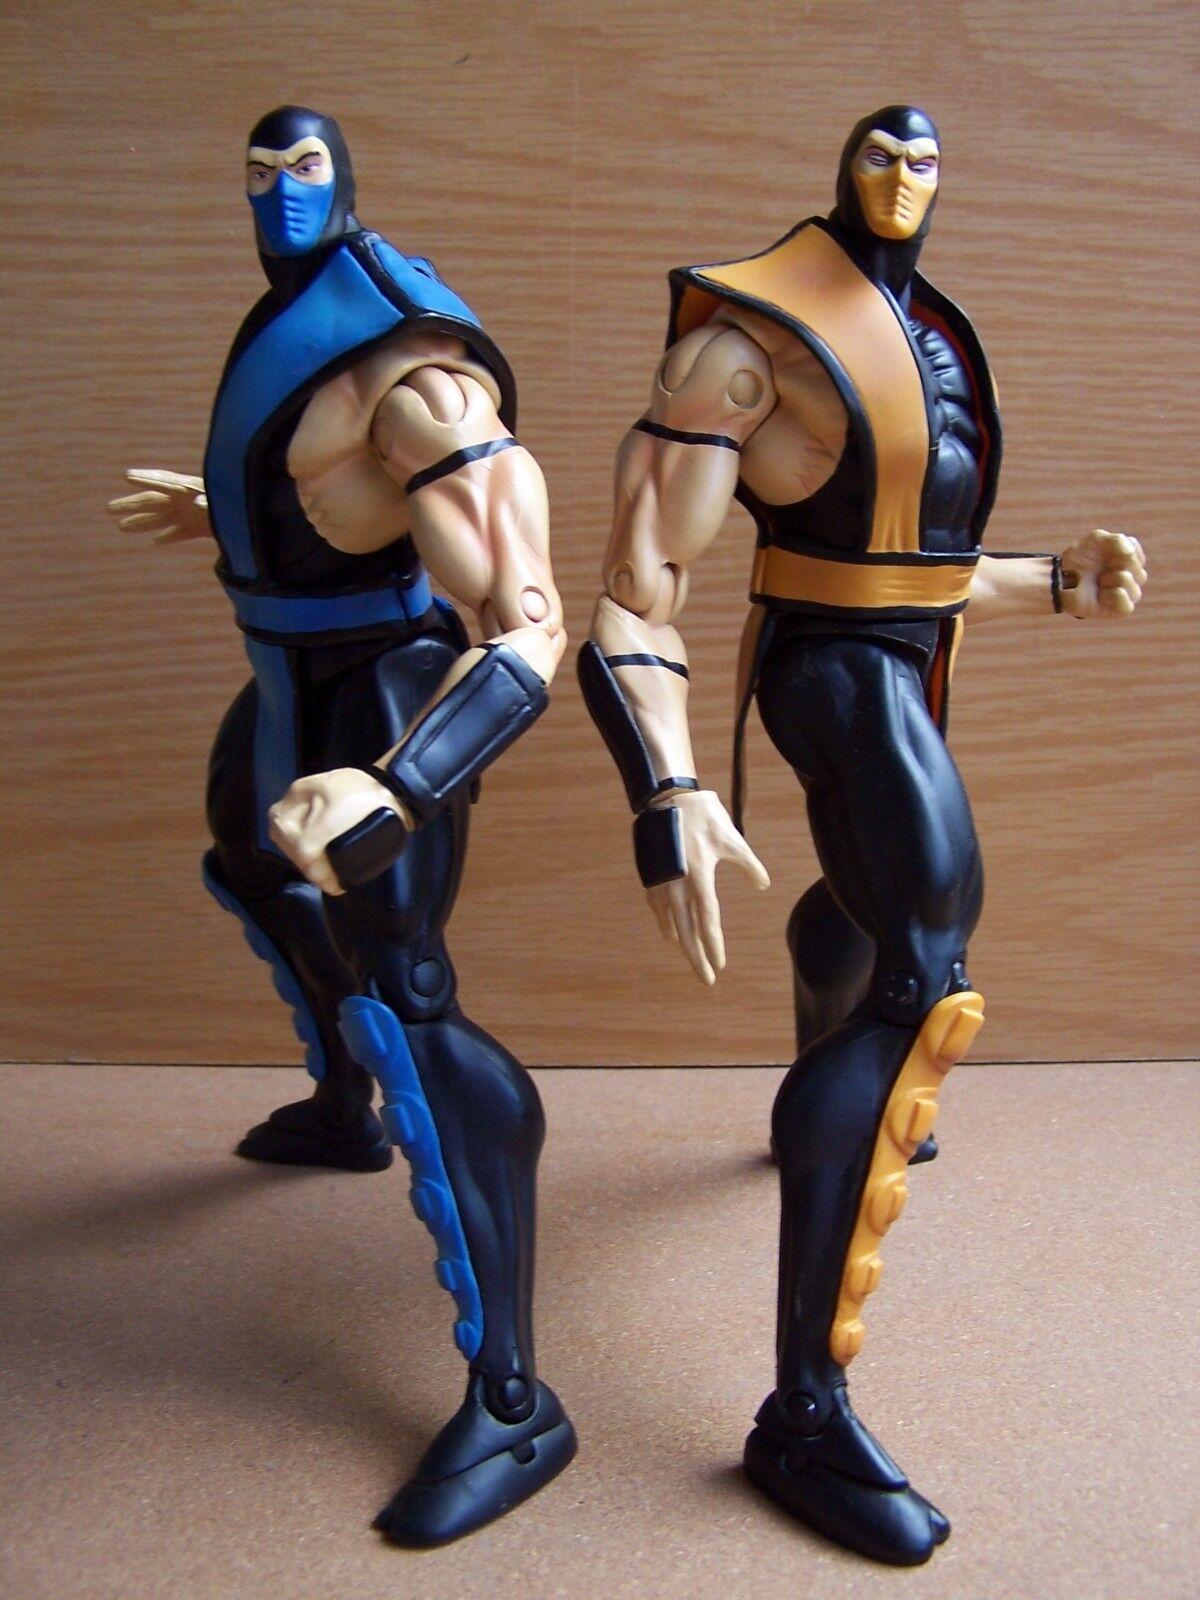 Mortal Kombat SUB ZERO & SCORPION Infinite Concepts 2000 Loose SUPER RARE